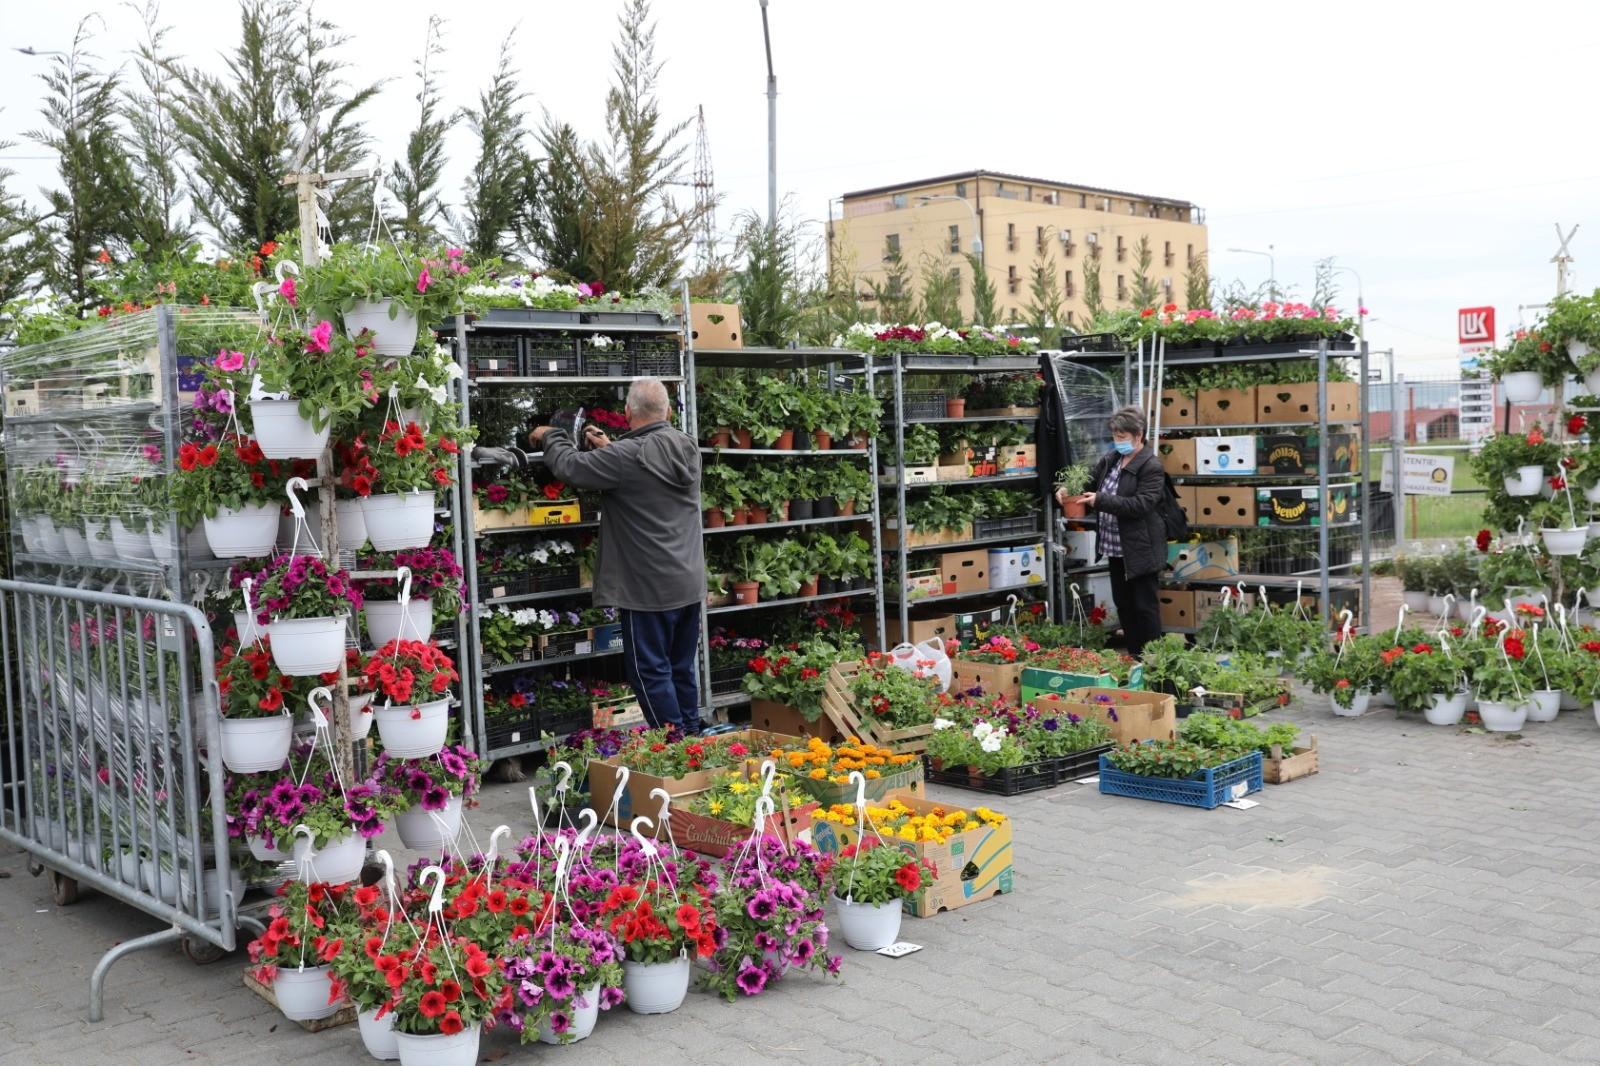 FOTO- Sibiul prinde culoare prin petale! Festivalul Grădinilor adună iubitorii de flori și frumos în acest weekend